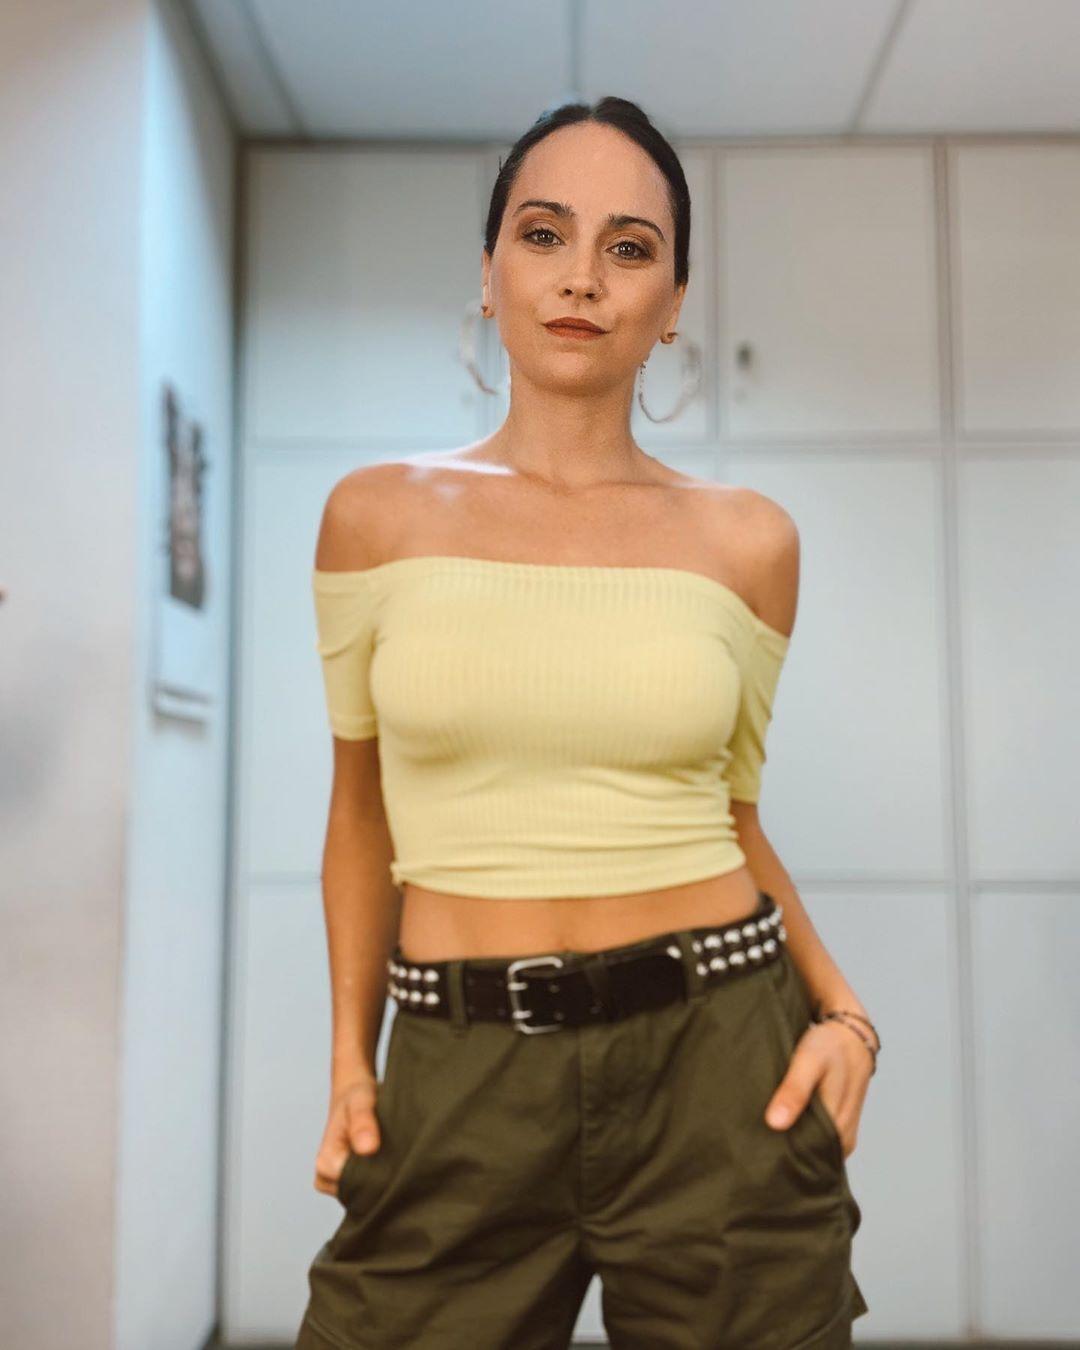 Белен де Мендігурен